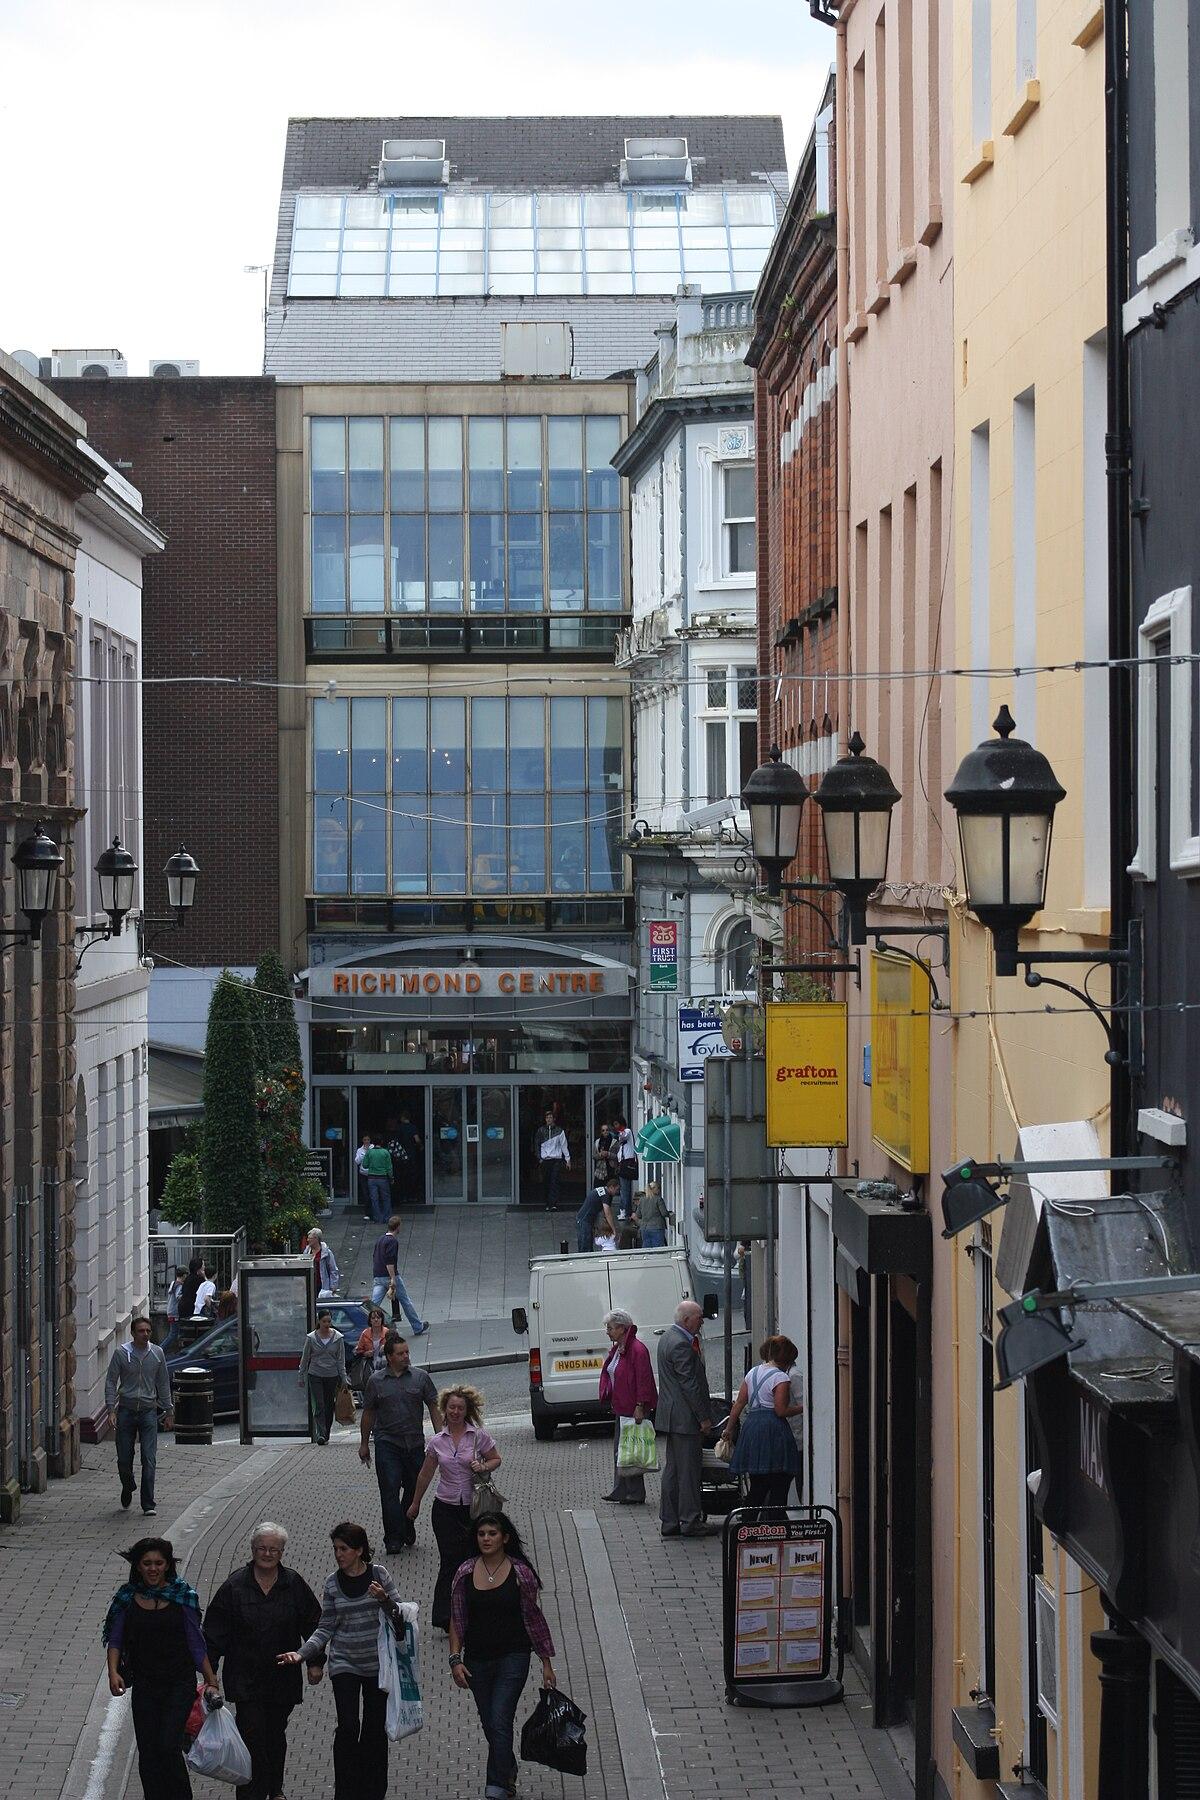 Richmond Centre Derry Wikipedia